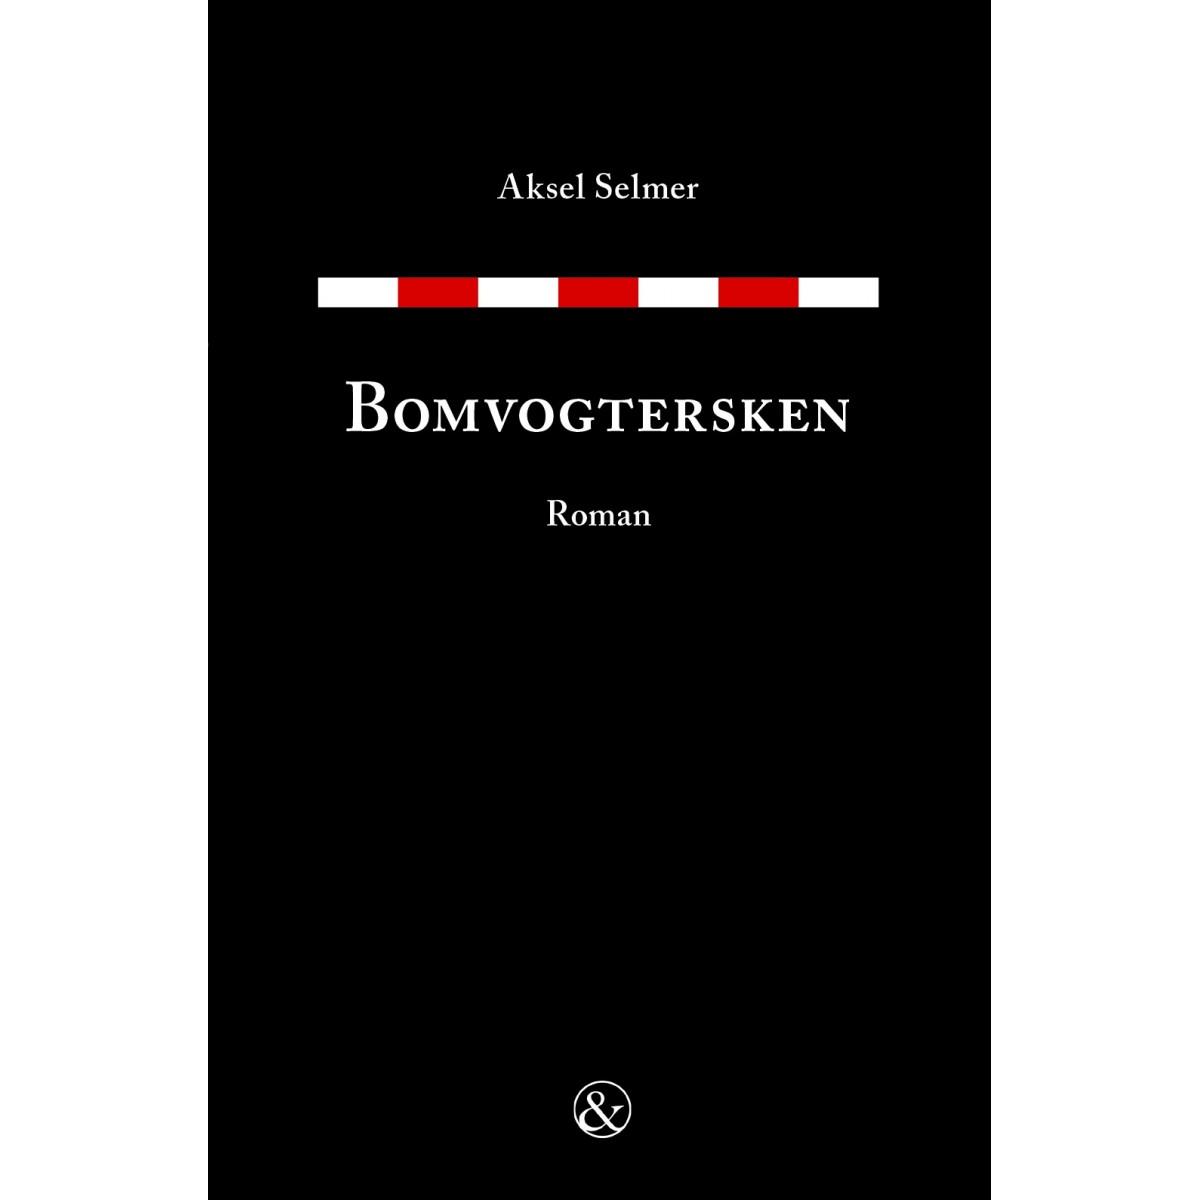 Aksel Selmer: Bomvogtersken